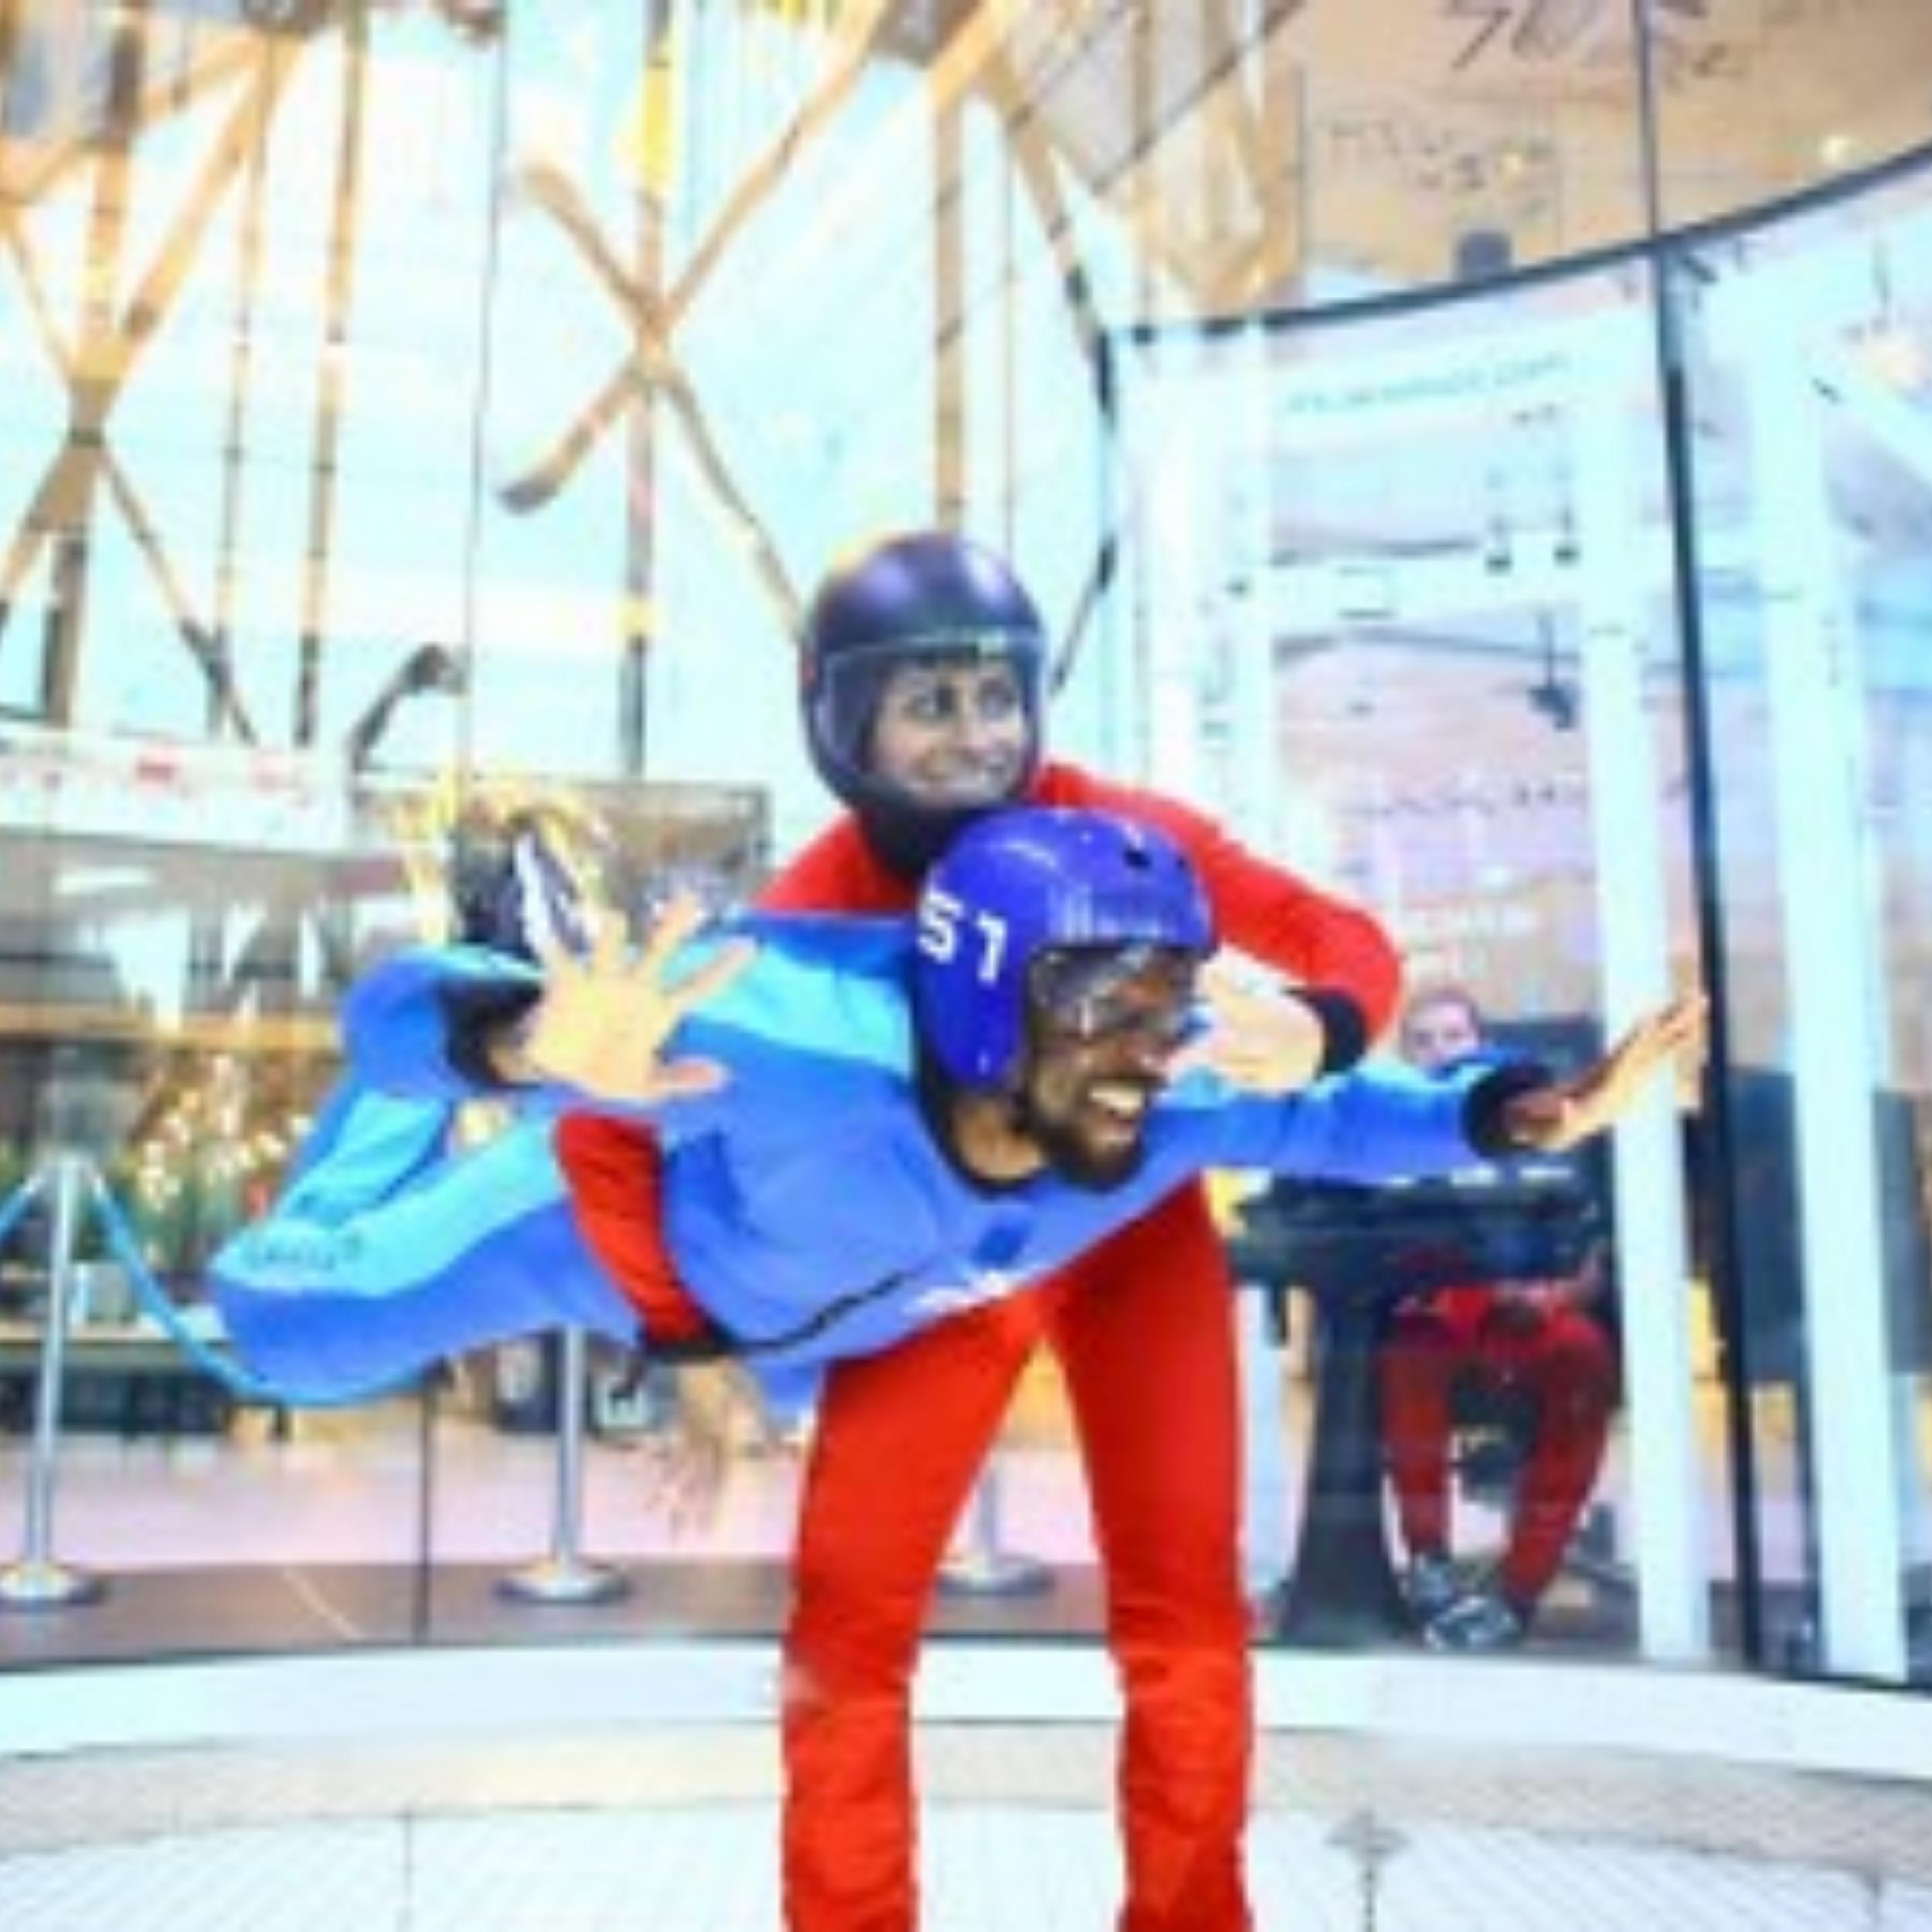 Simulateur de chute libre à Paris Est